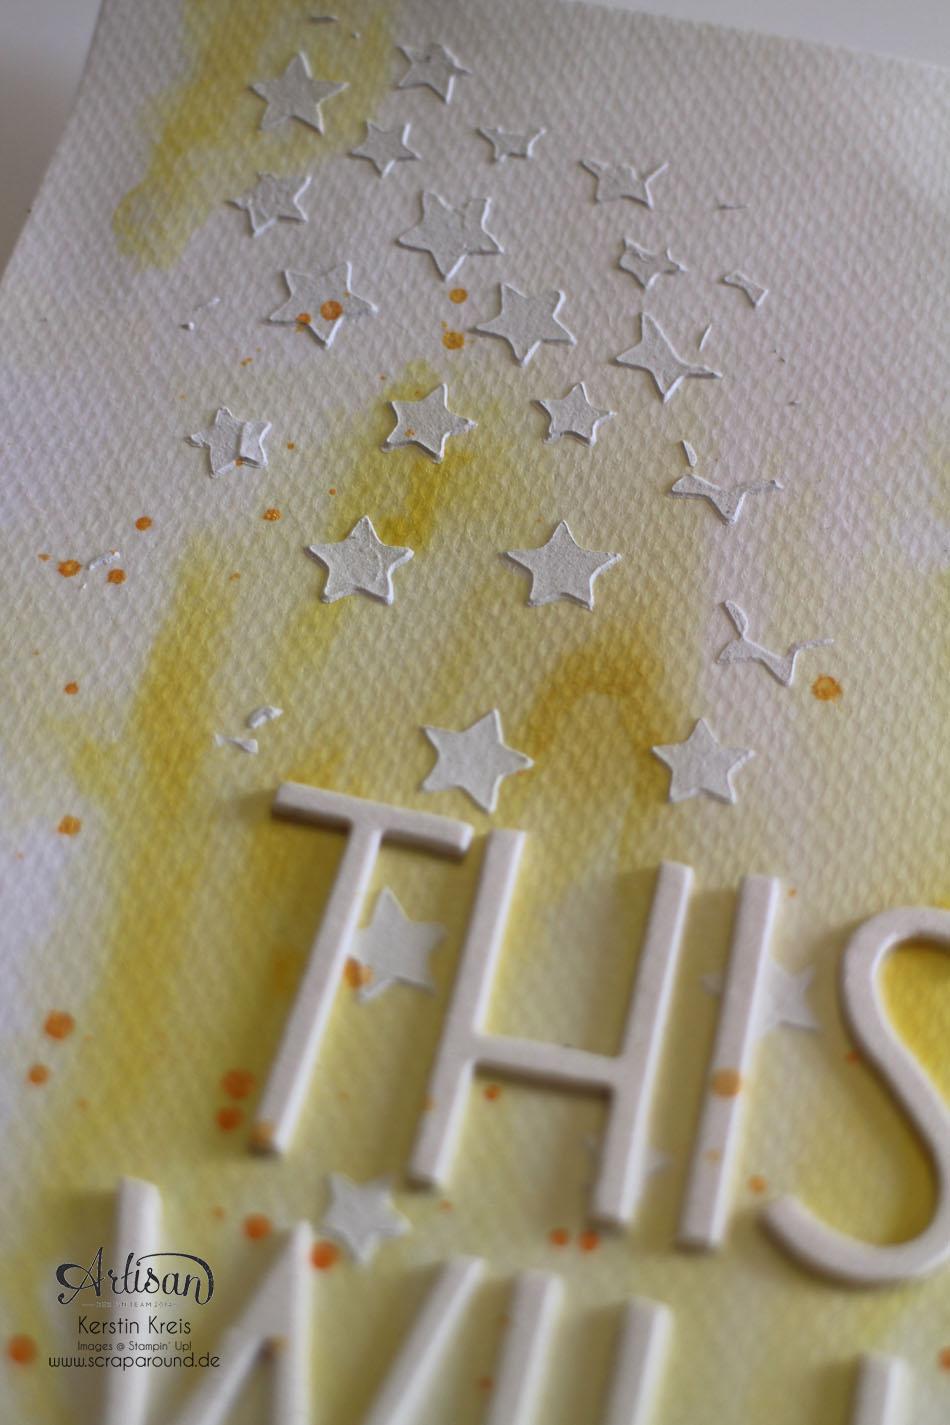 """""""ProjectLife Titelseite 2015"""" - Stampin´ Up! Artisan DesignTeam BlogHop 22.01.2015 - Aquarelltechnik mit Spezialpappe und BigZ Perfekte Buchstaben Detailbild04"""